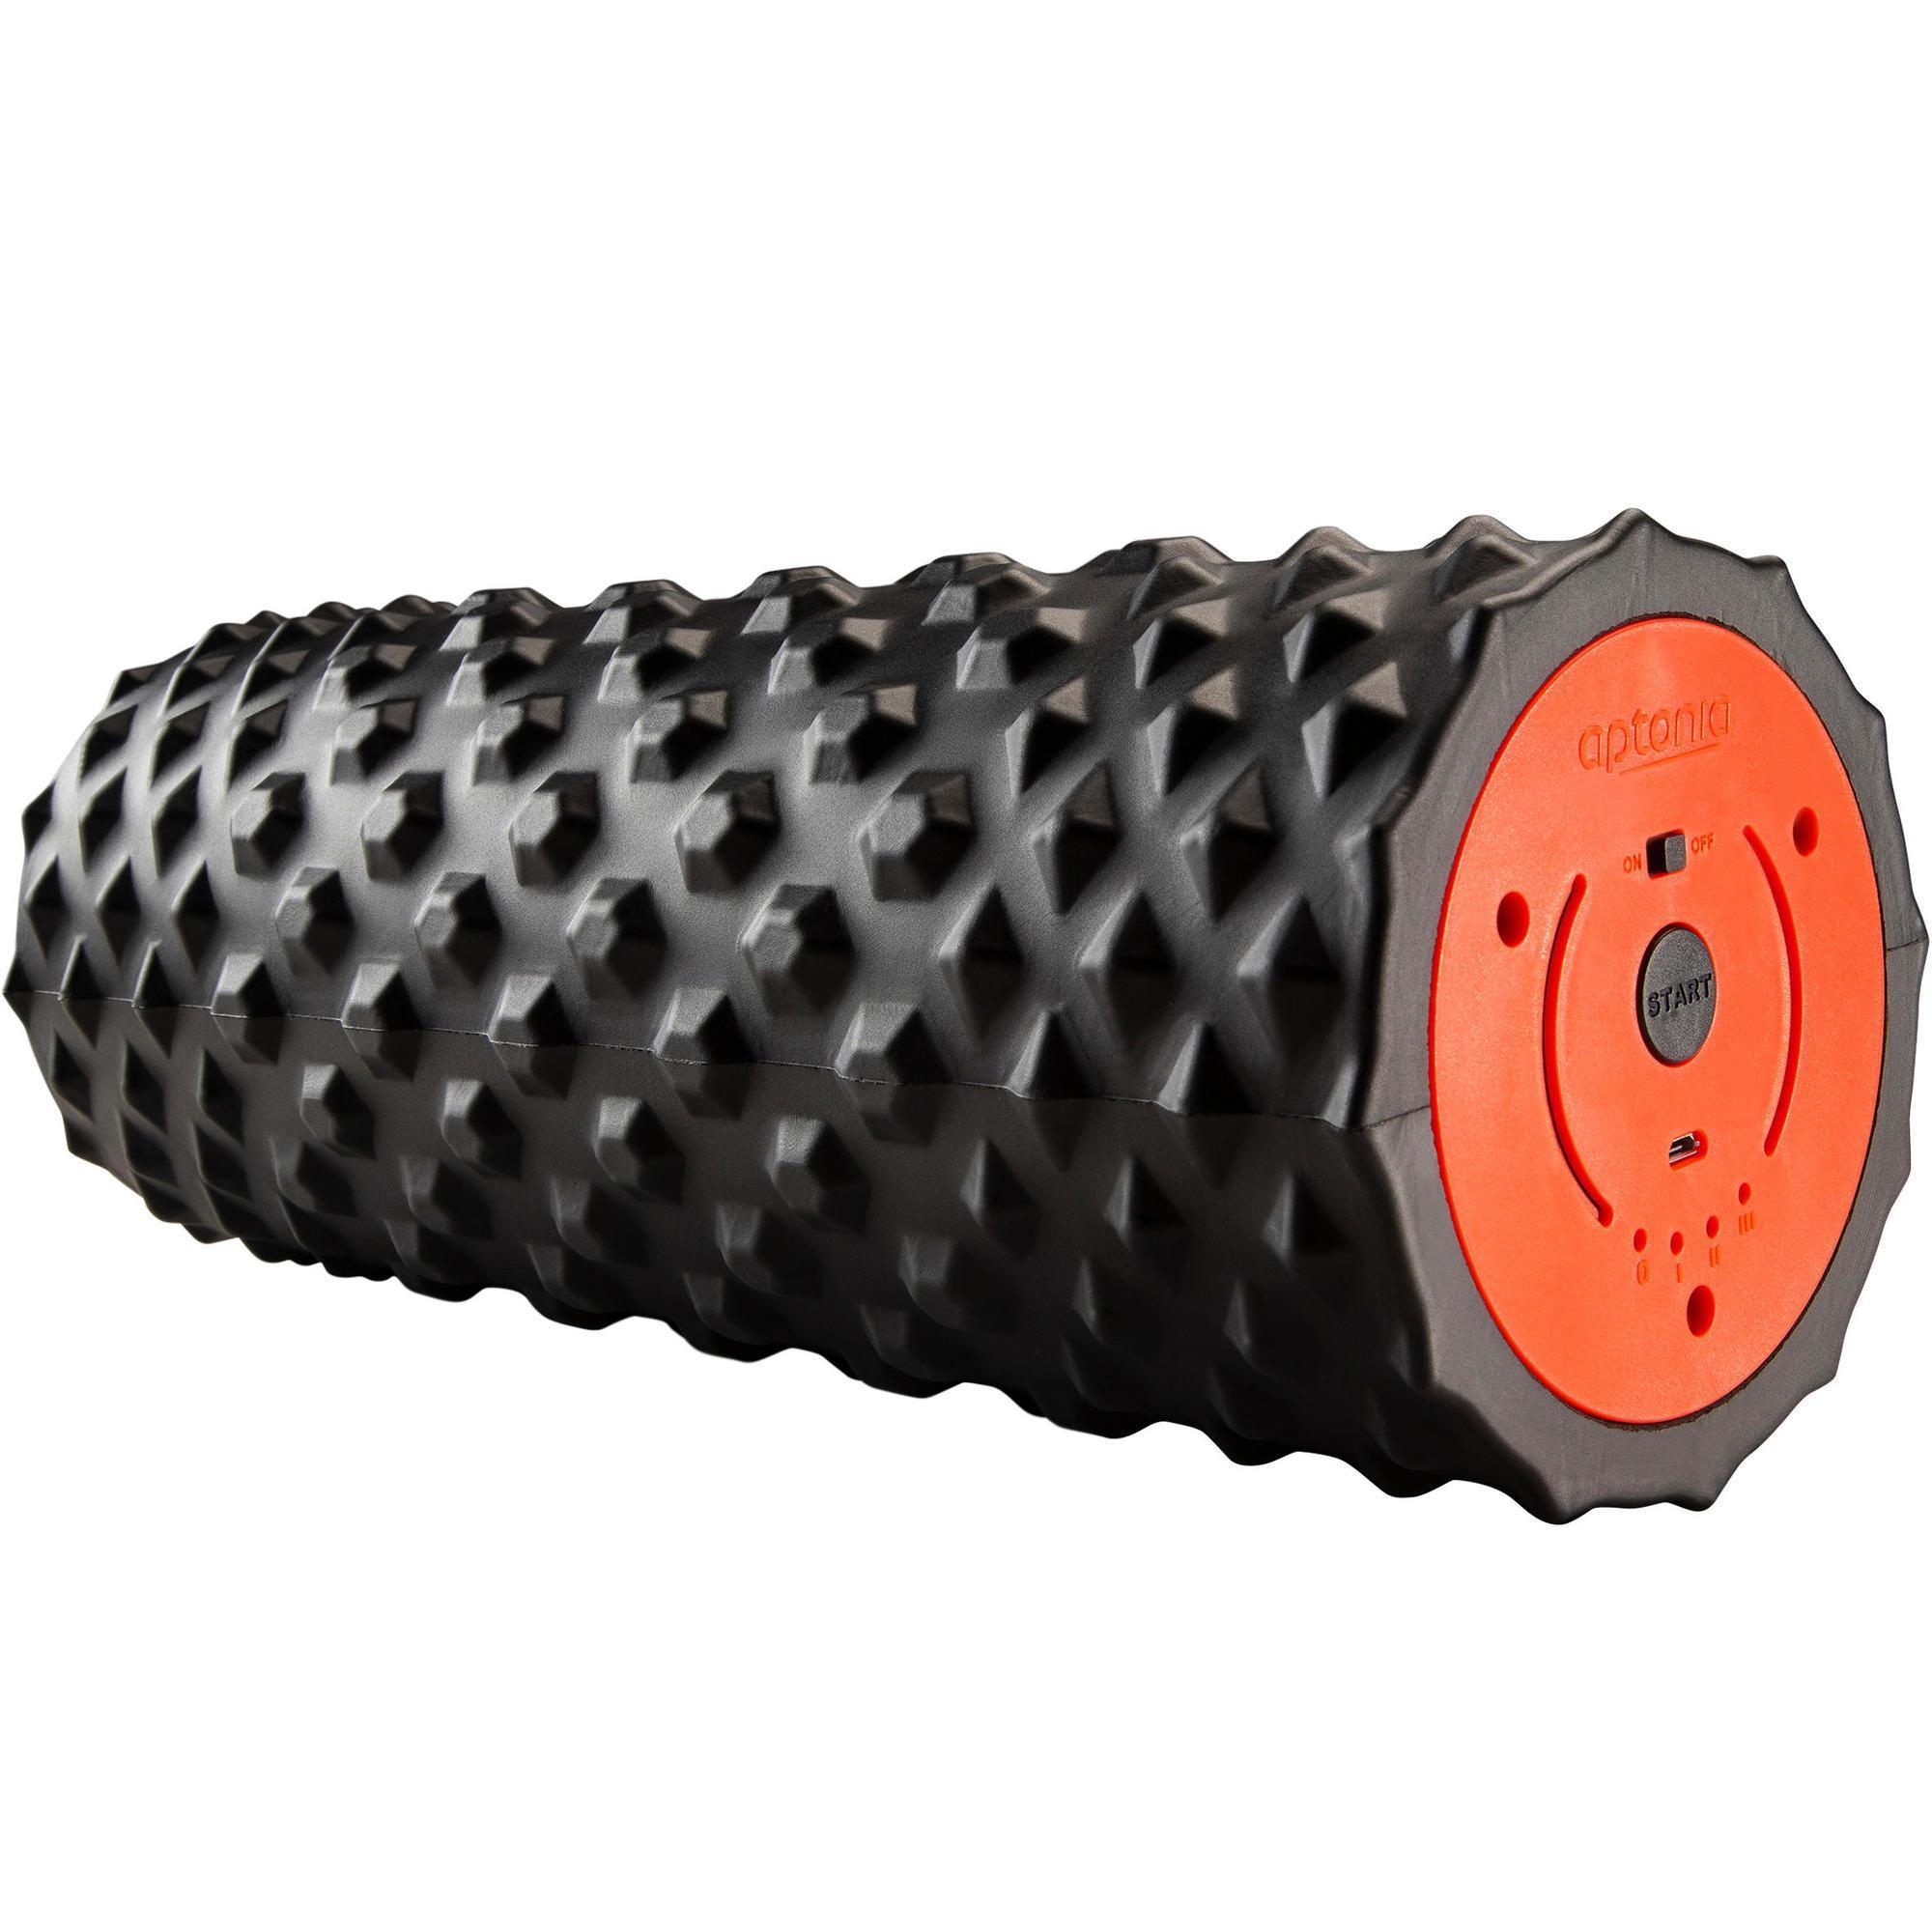 Aptonia Elektronische massageroller 900 Vibrating (Foam Roller)